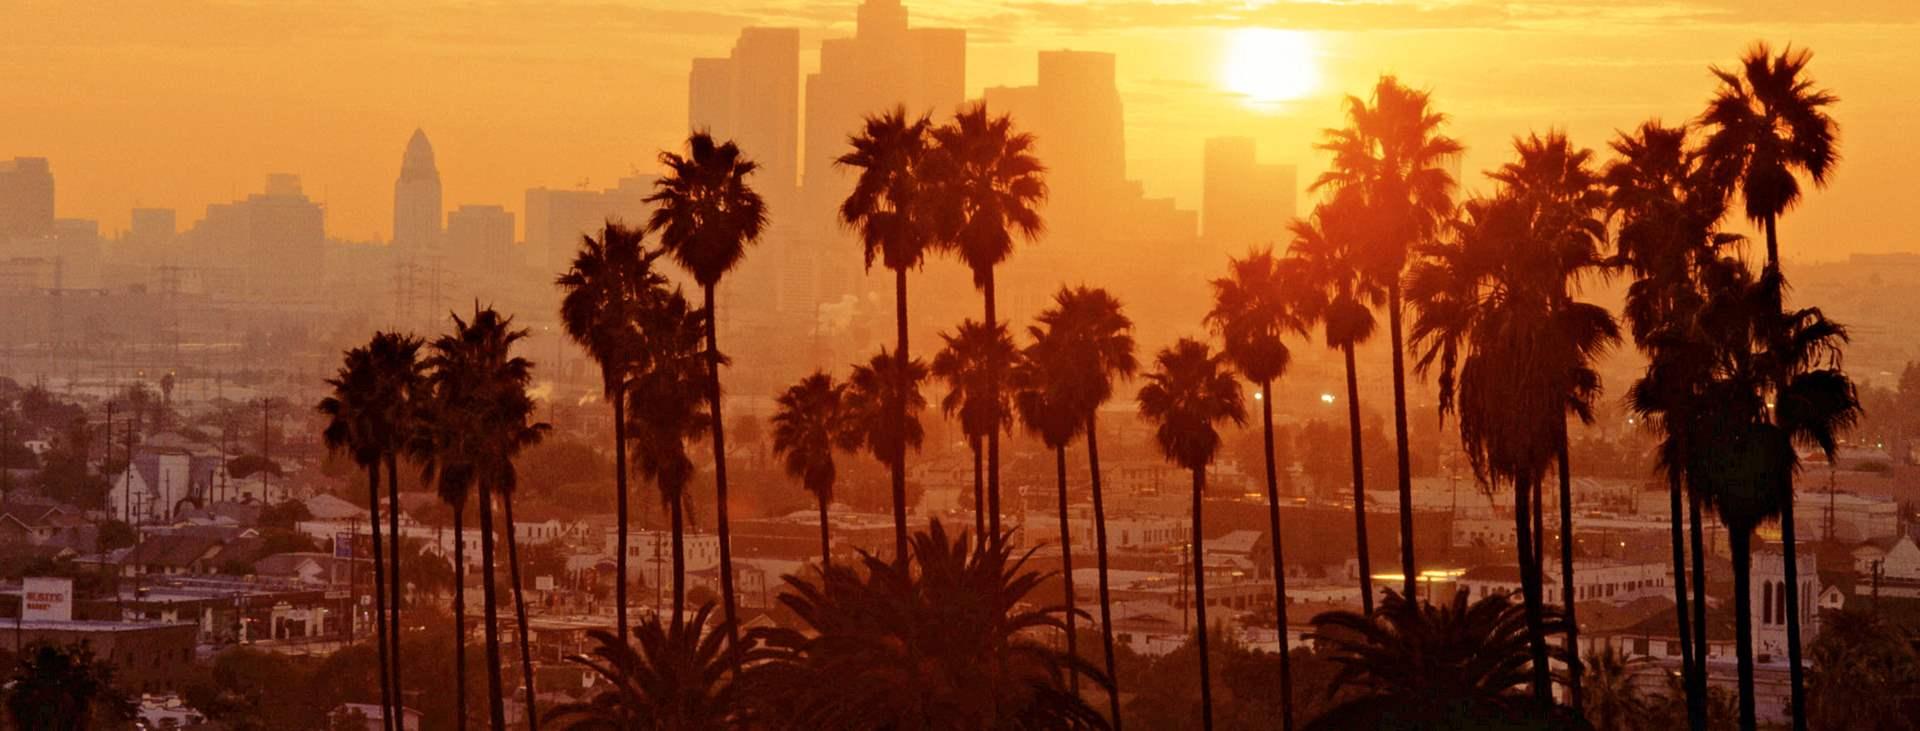 Boka en resa till Los Angeles i USA med Ving